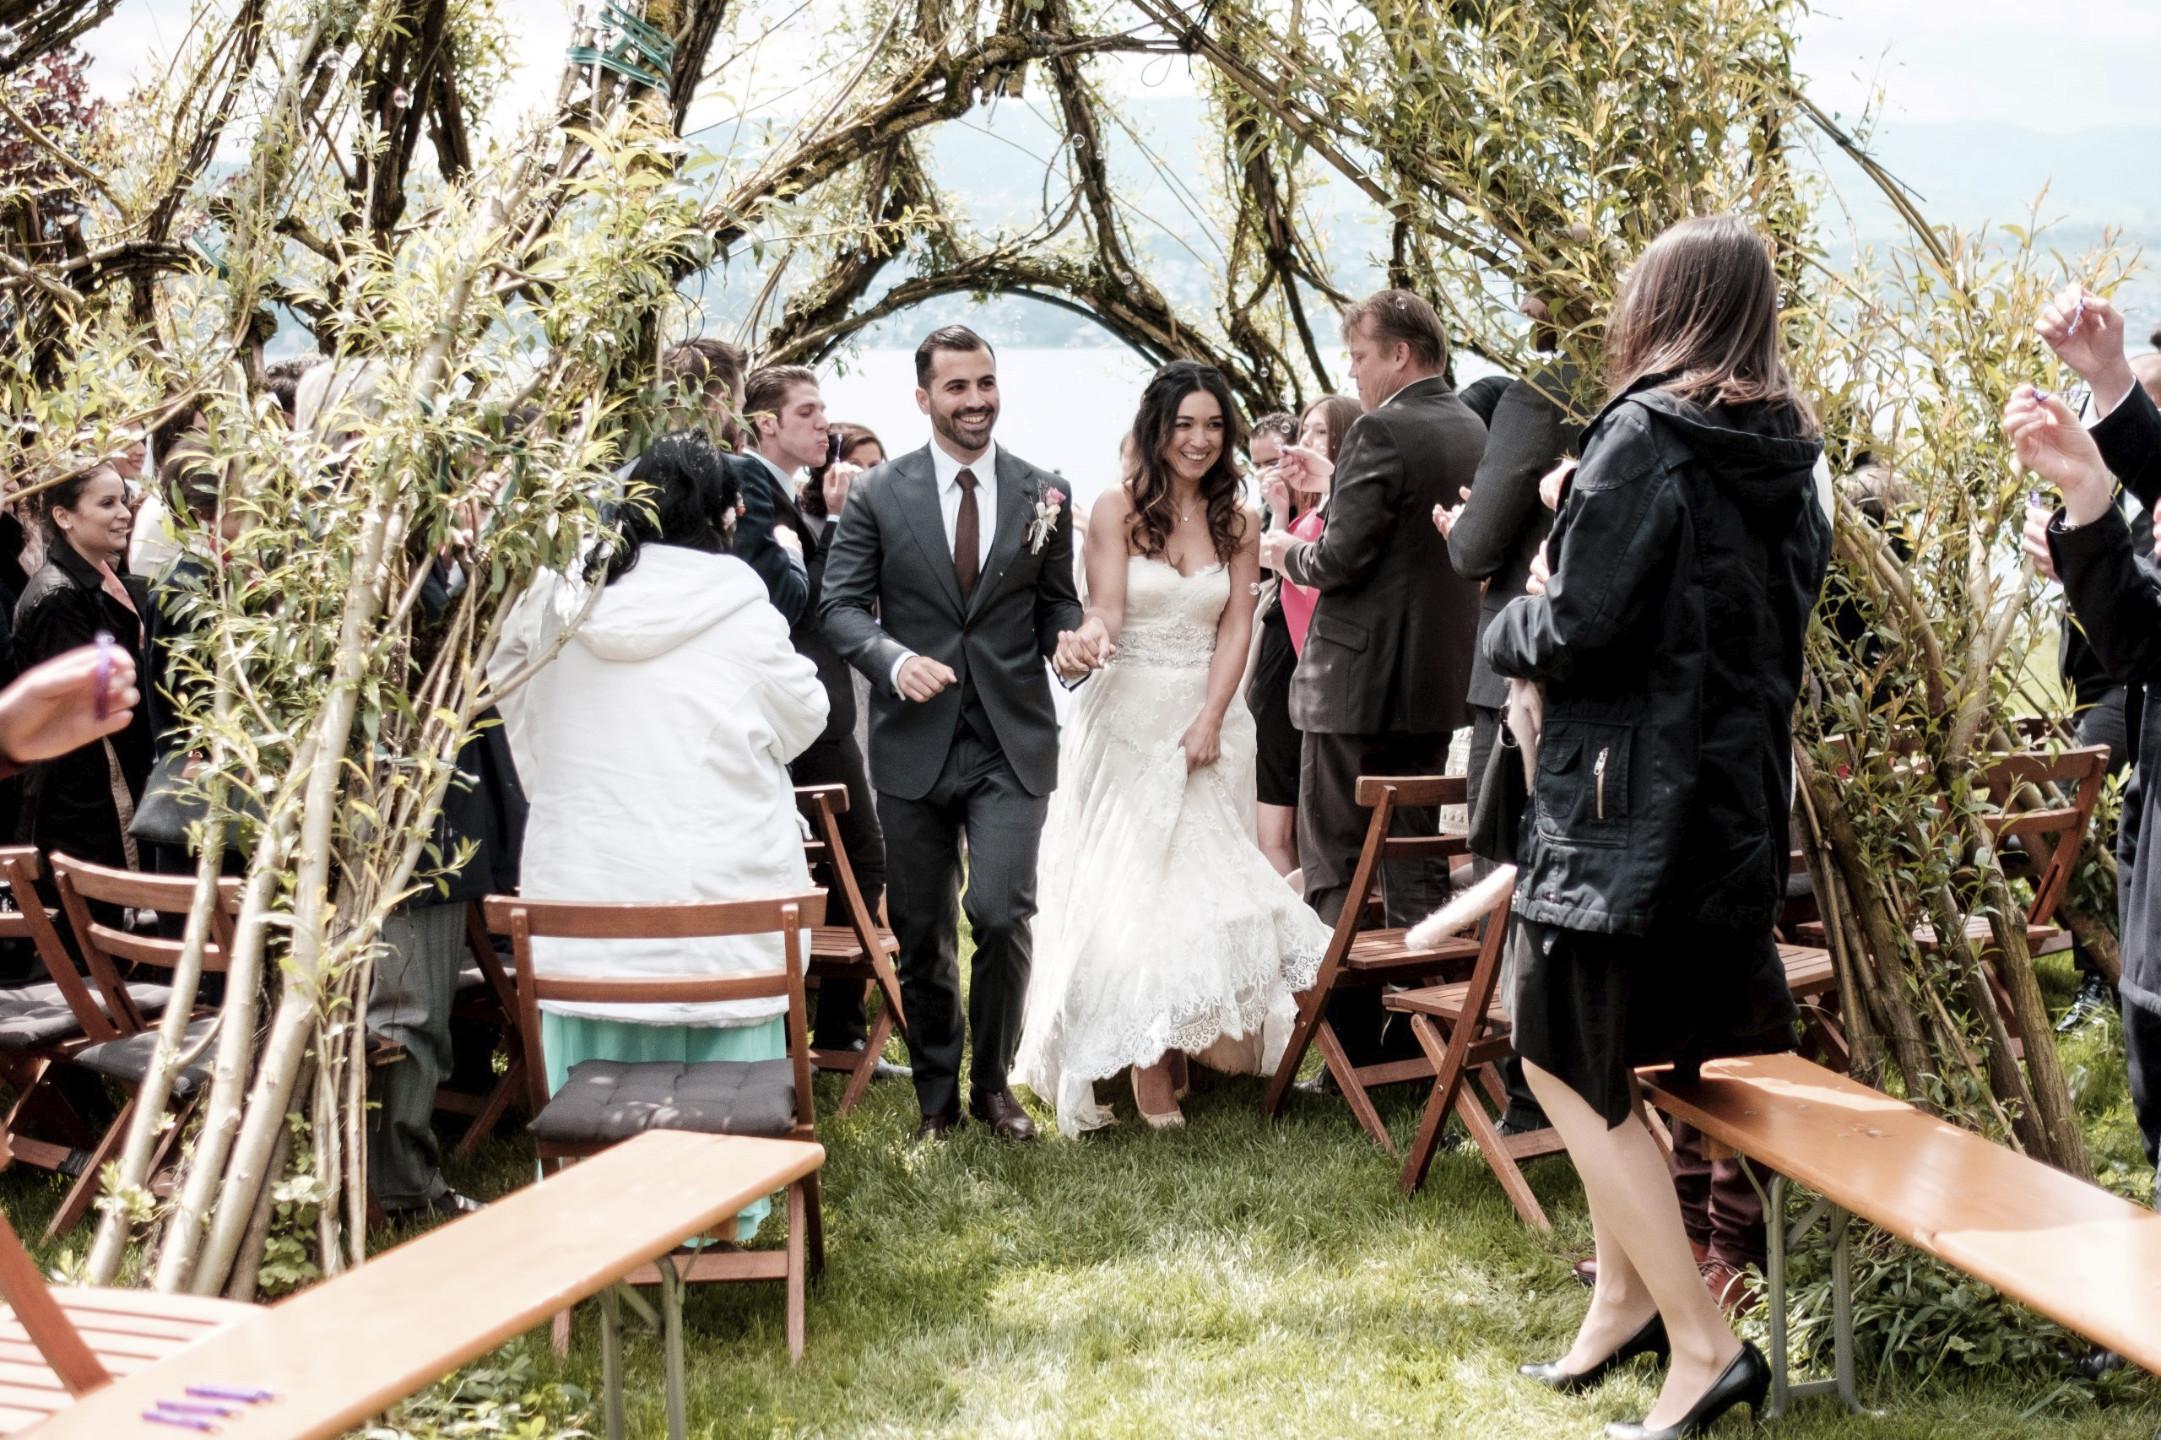 Aida + Tim | Hochzeitsfotografen am Bodensee Zürichsee Hochzeit in der Schweiz  - Hochzeitsfotografie von Aida und Tim